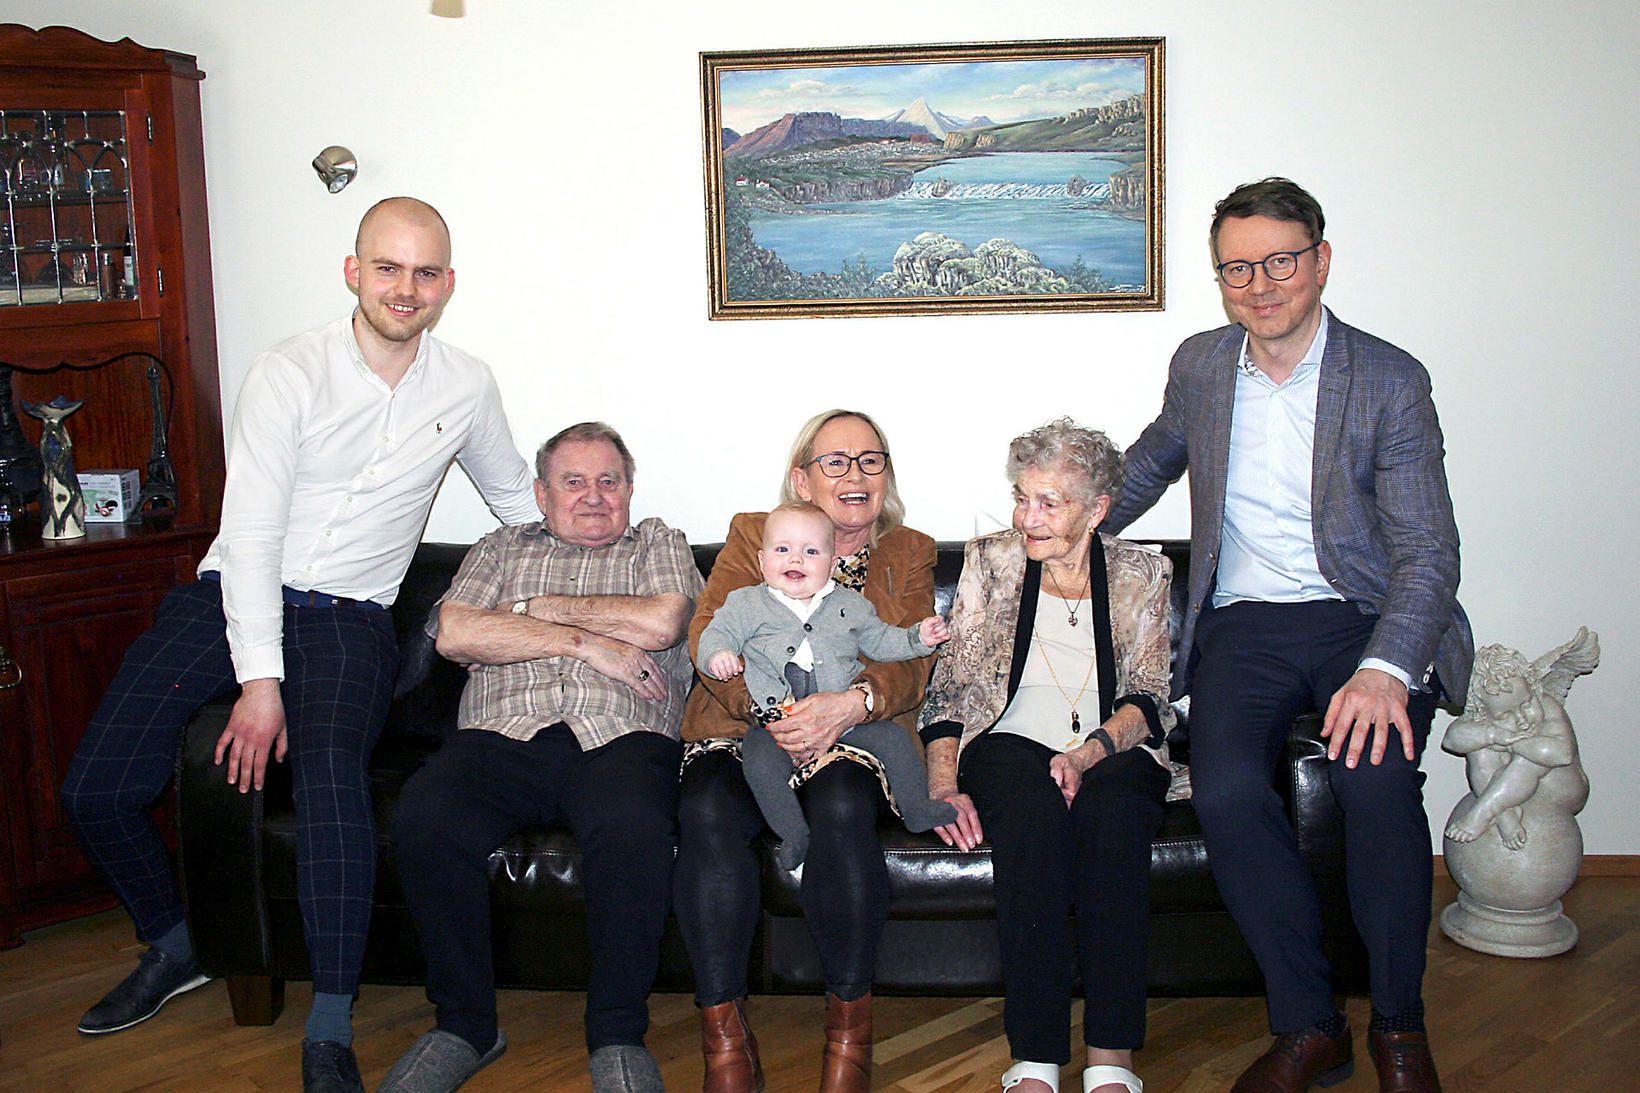 Á myndinni eru frá vinstri talið: Kristófer Máni Sigursveinsson, Stefán …